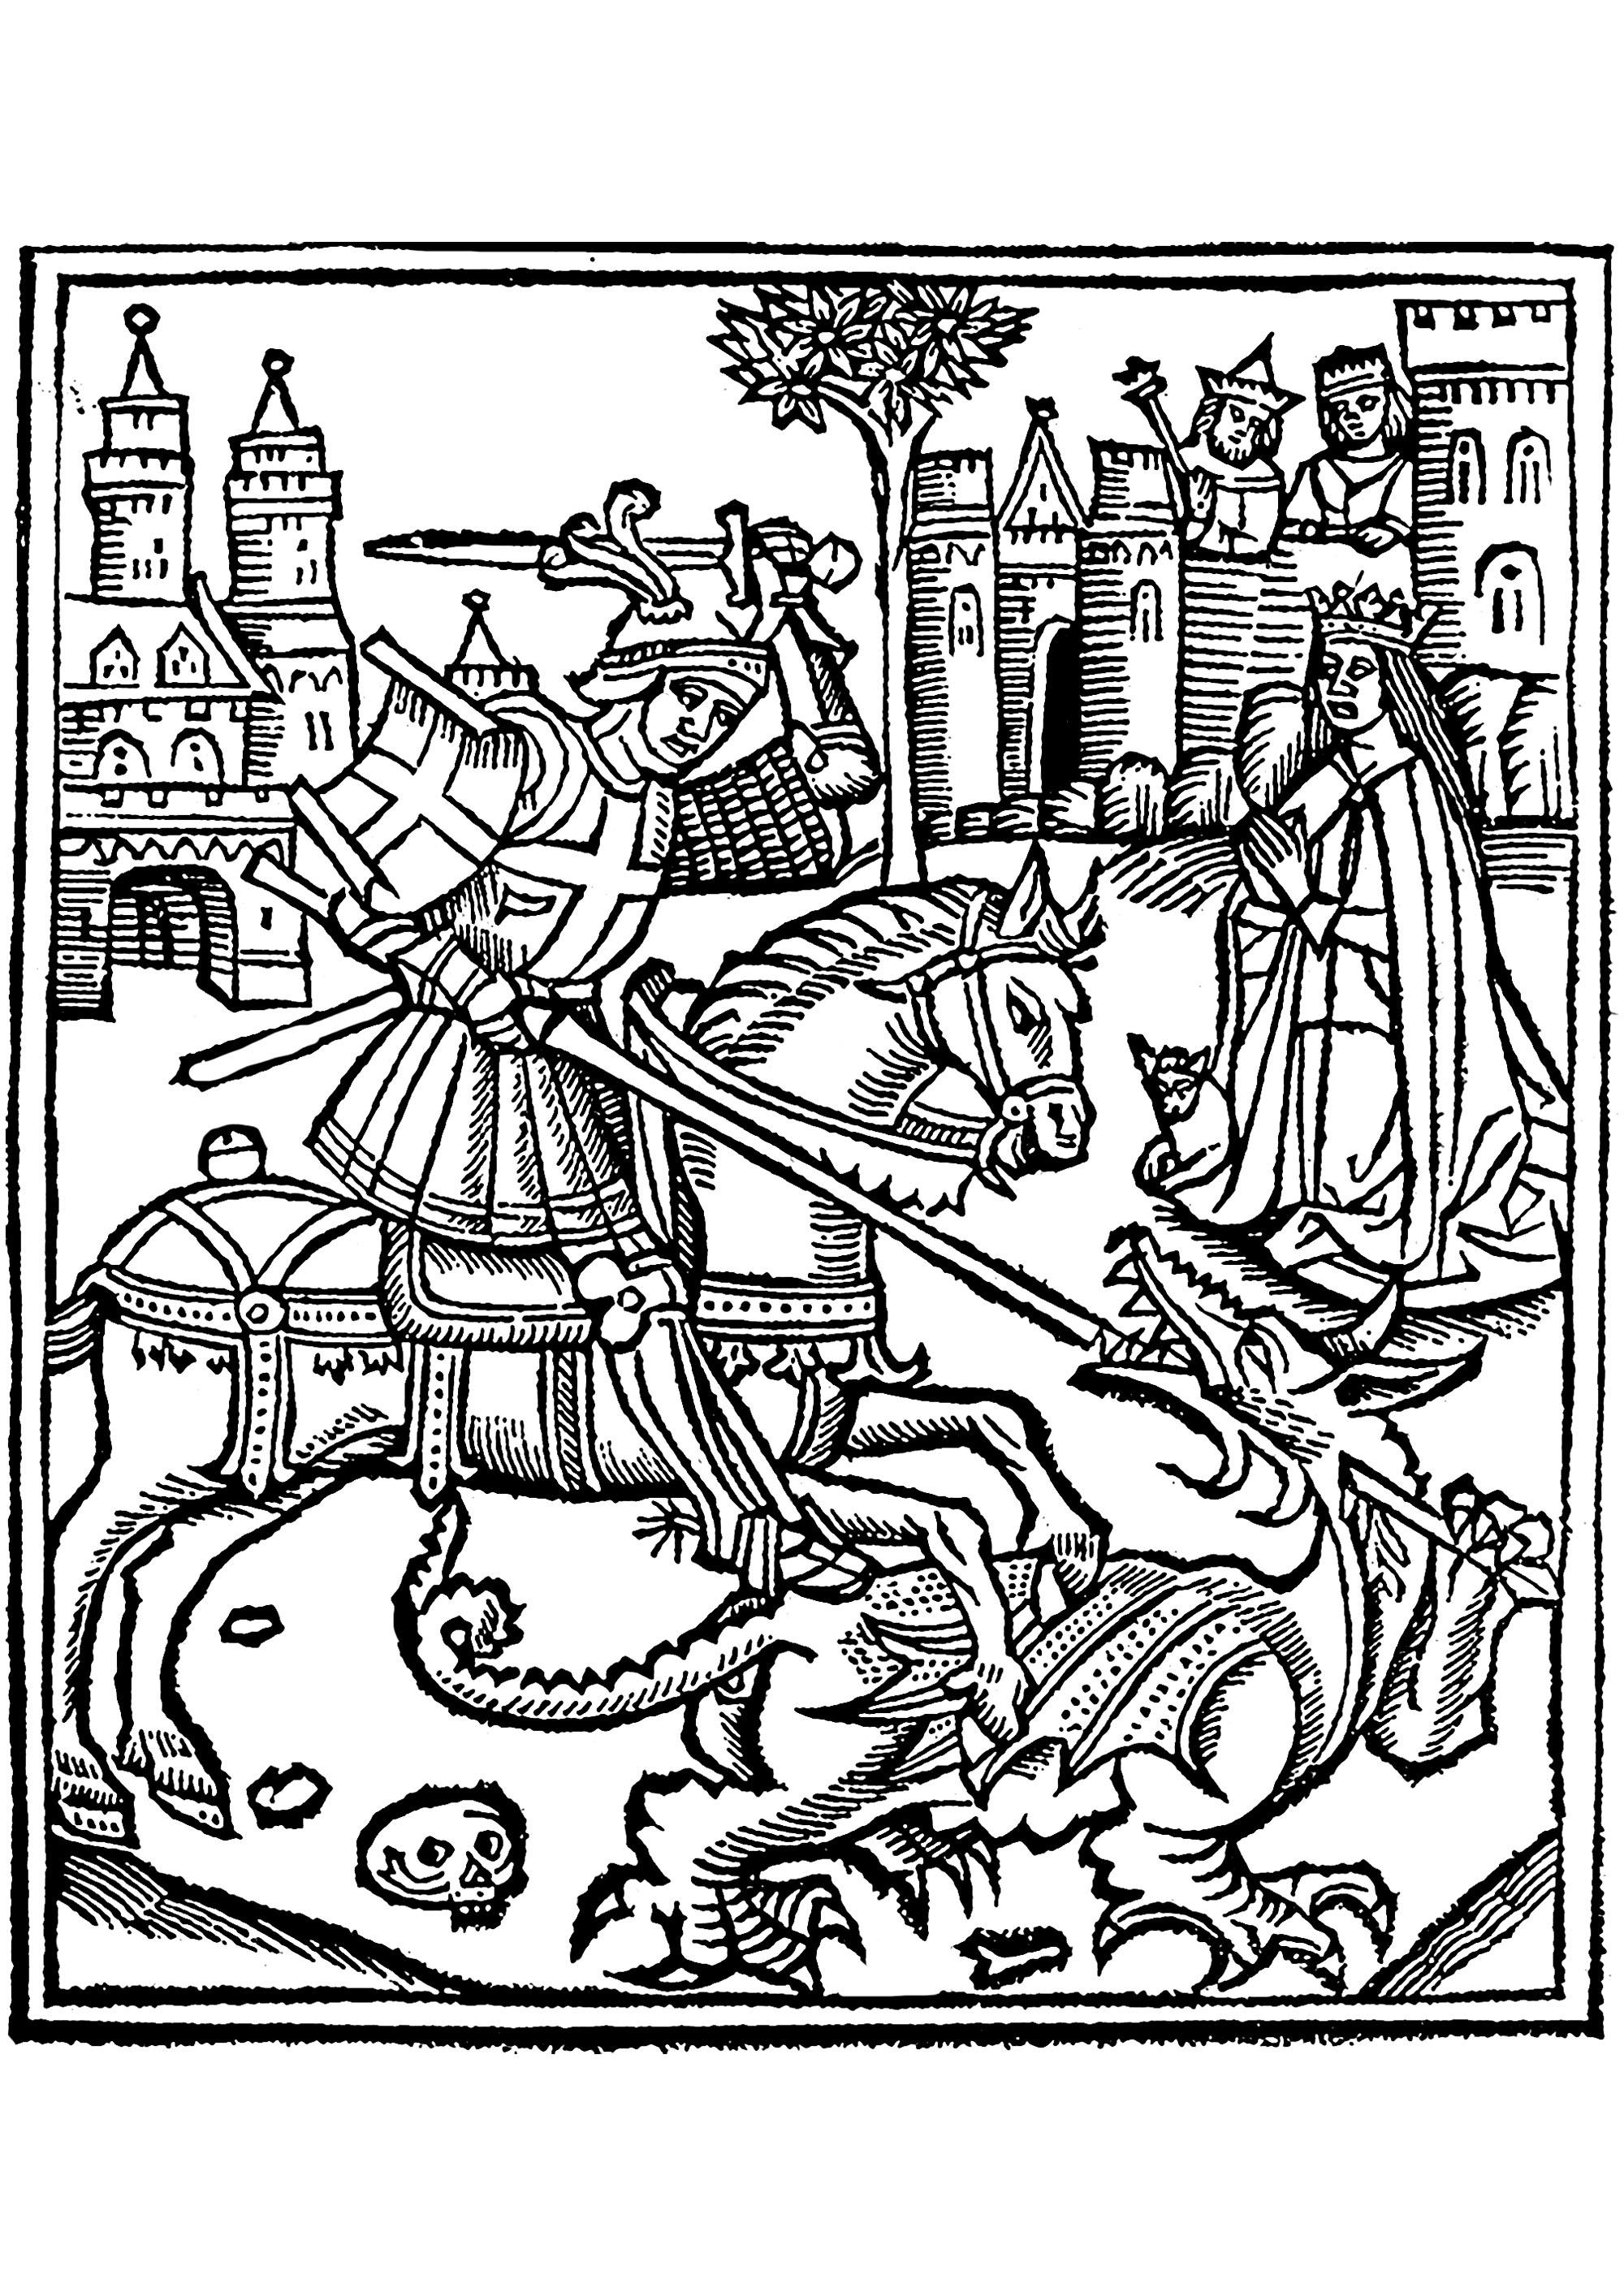 Coloriage créé à partir d'une gravure sur bois représentant St George terrassant le Dragon, illustration extraite de la Vie de Saint George (1515)